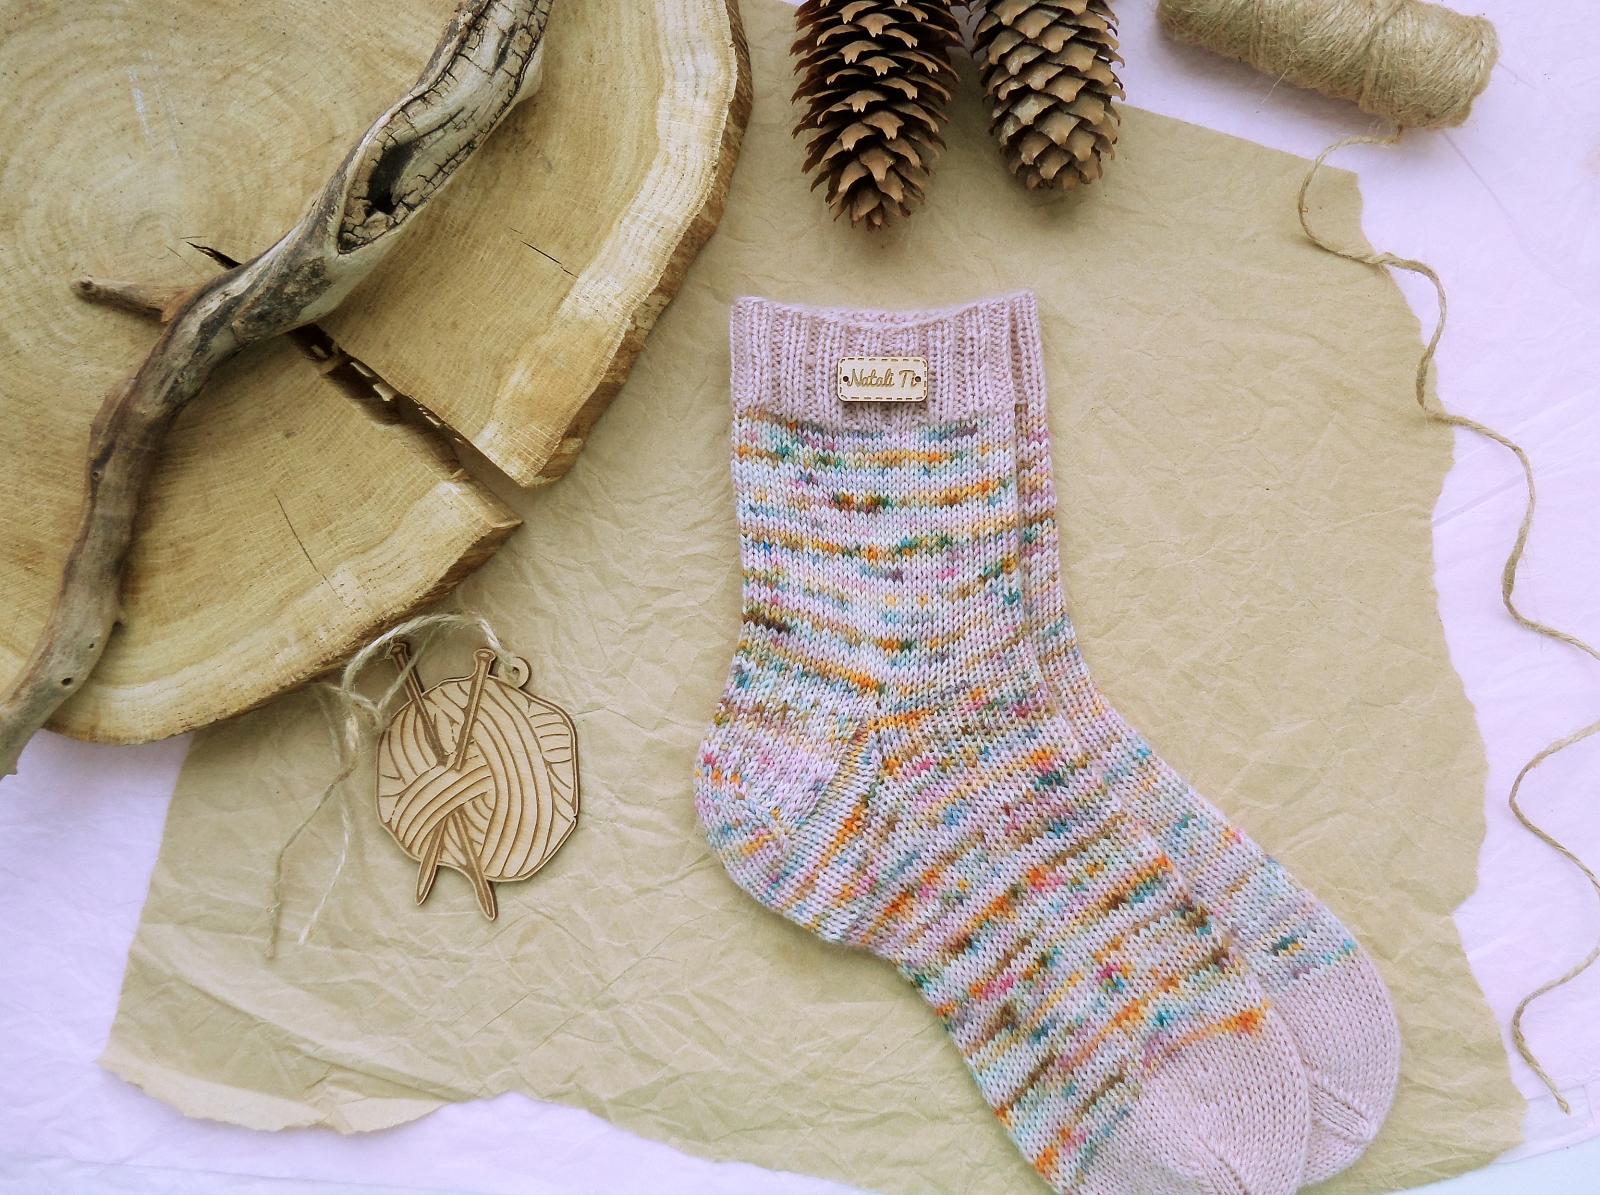 Hand knitting socks S-03 - nosochki 49